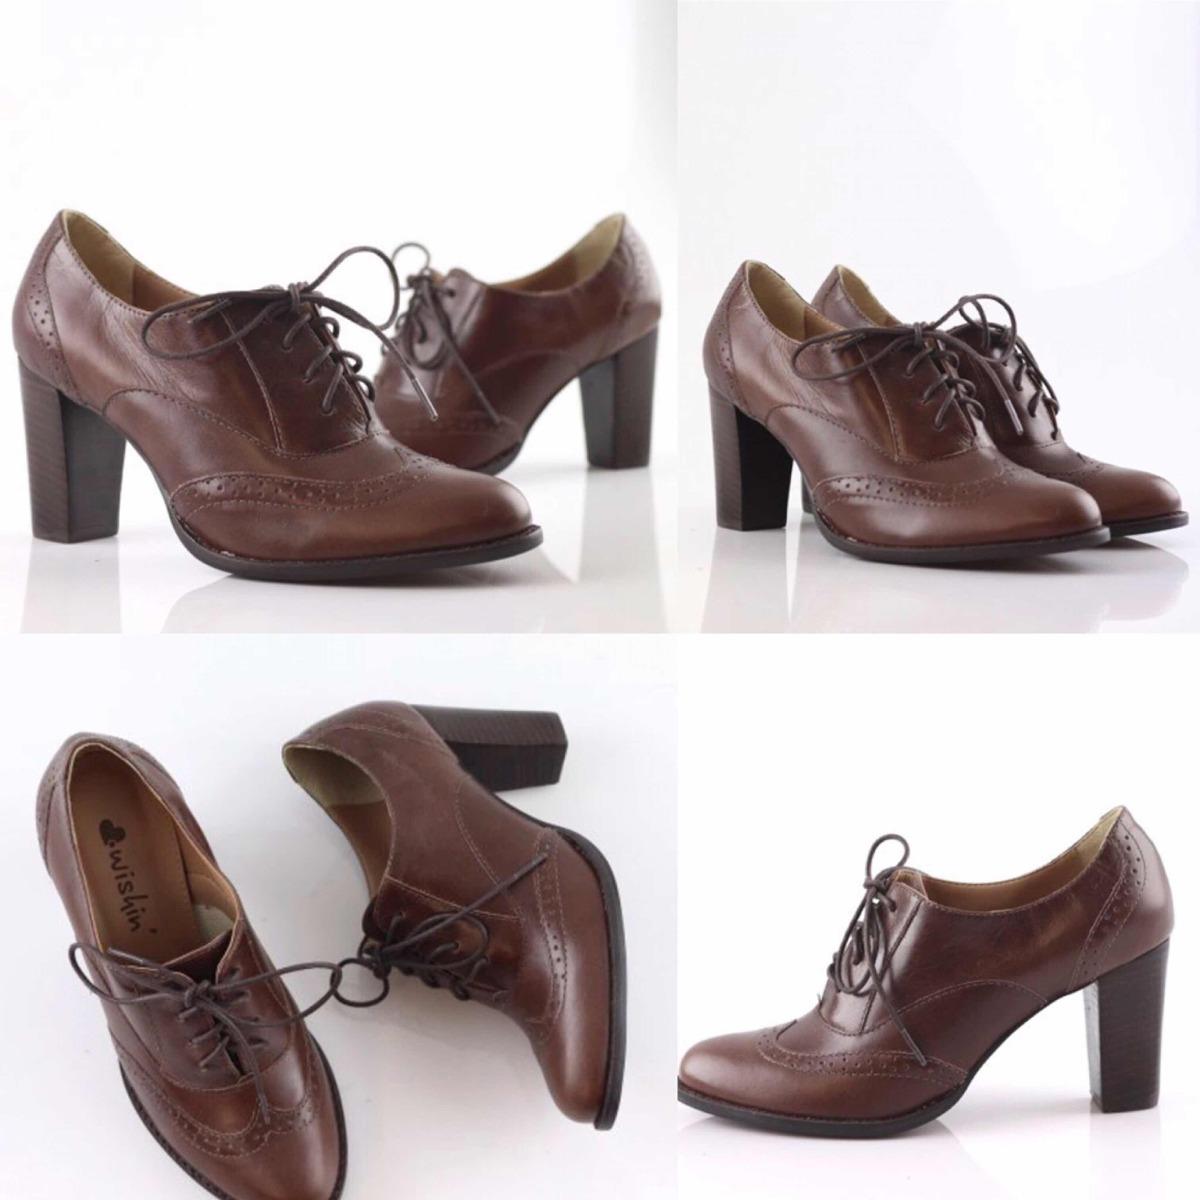 cb0fd21d3 Calçado Feminino Oxford Wishin Novo - R$ 228,00 em Mercado Livre